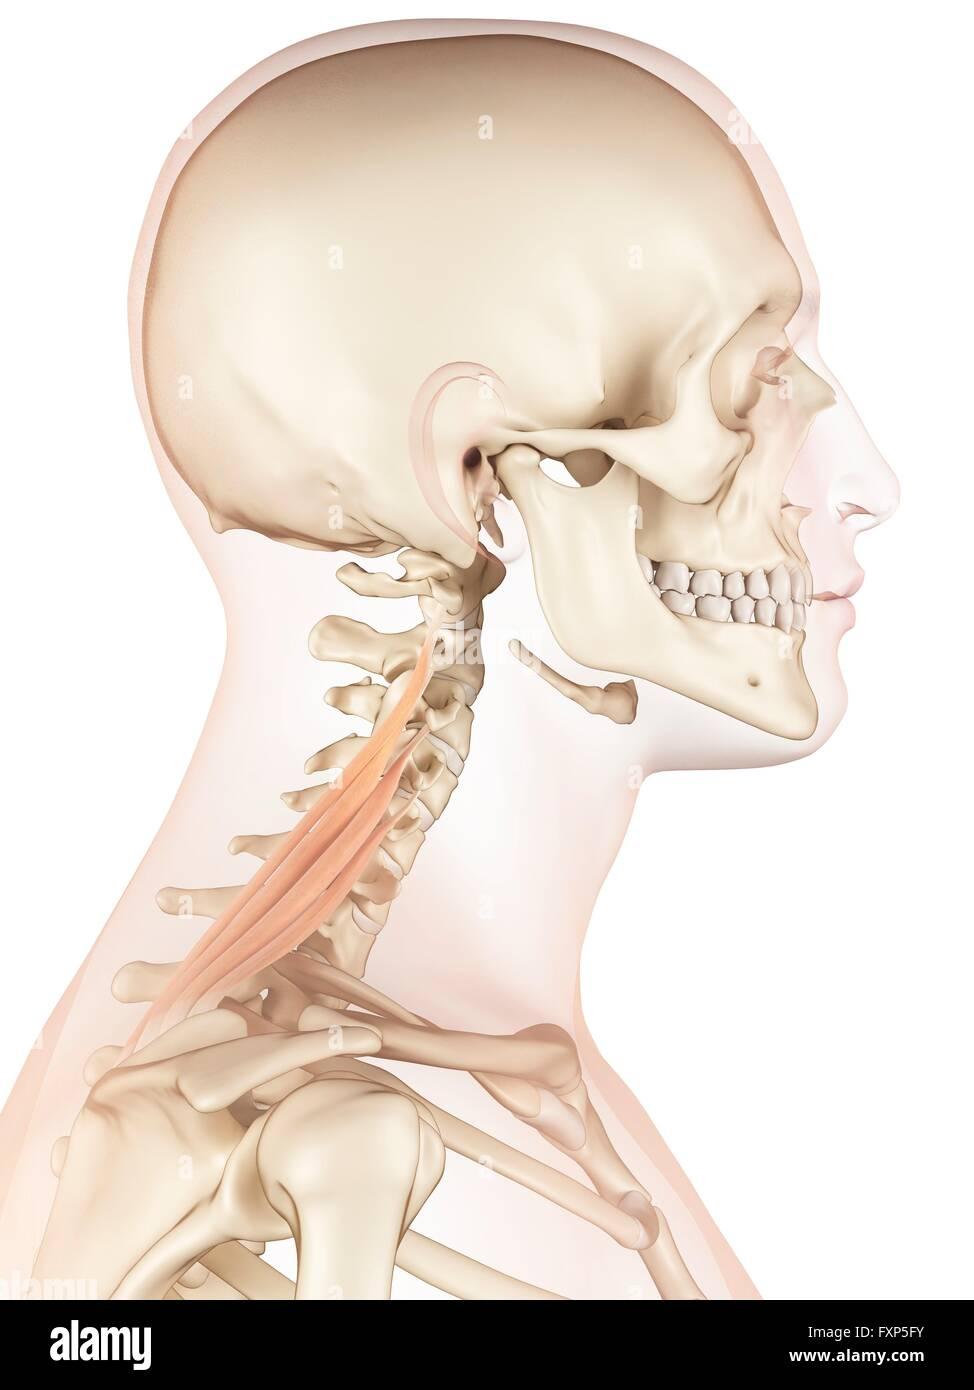 Human Skull Computer Artwork Stockfotos & Human Skull Computer ...